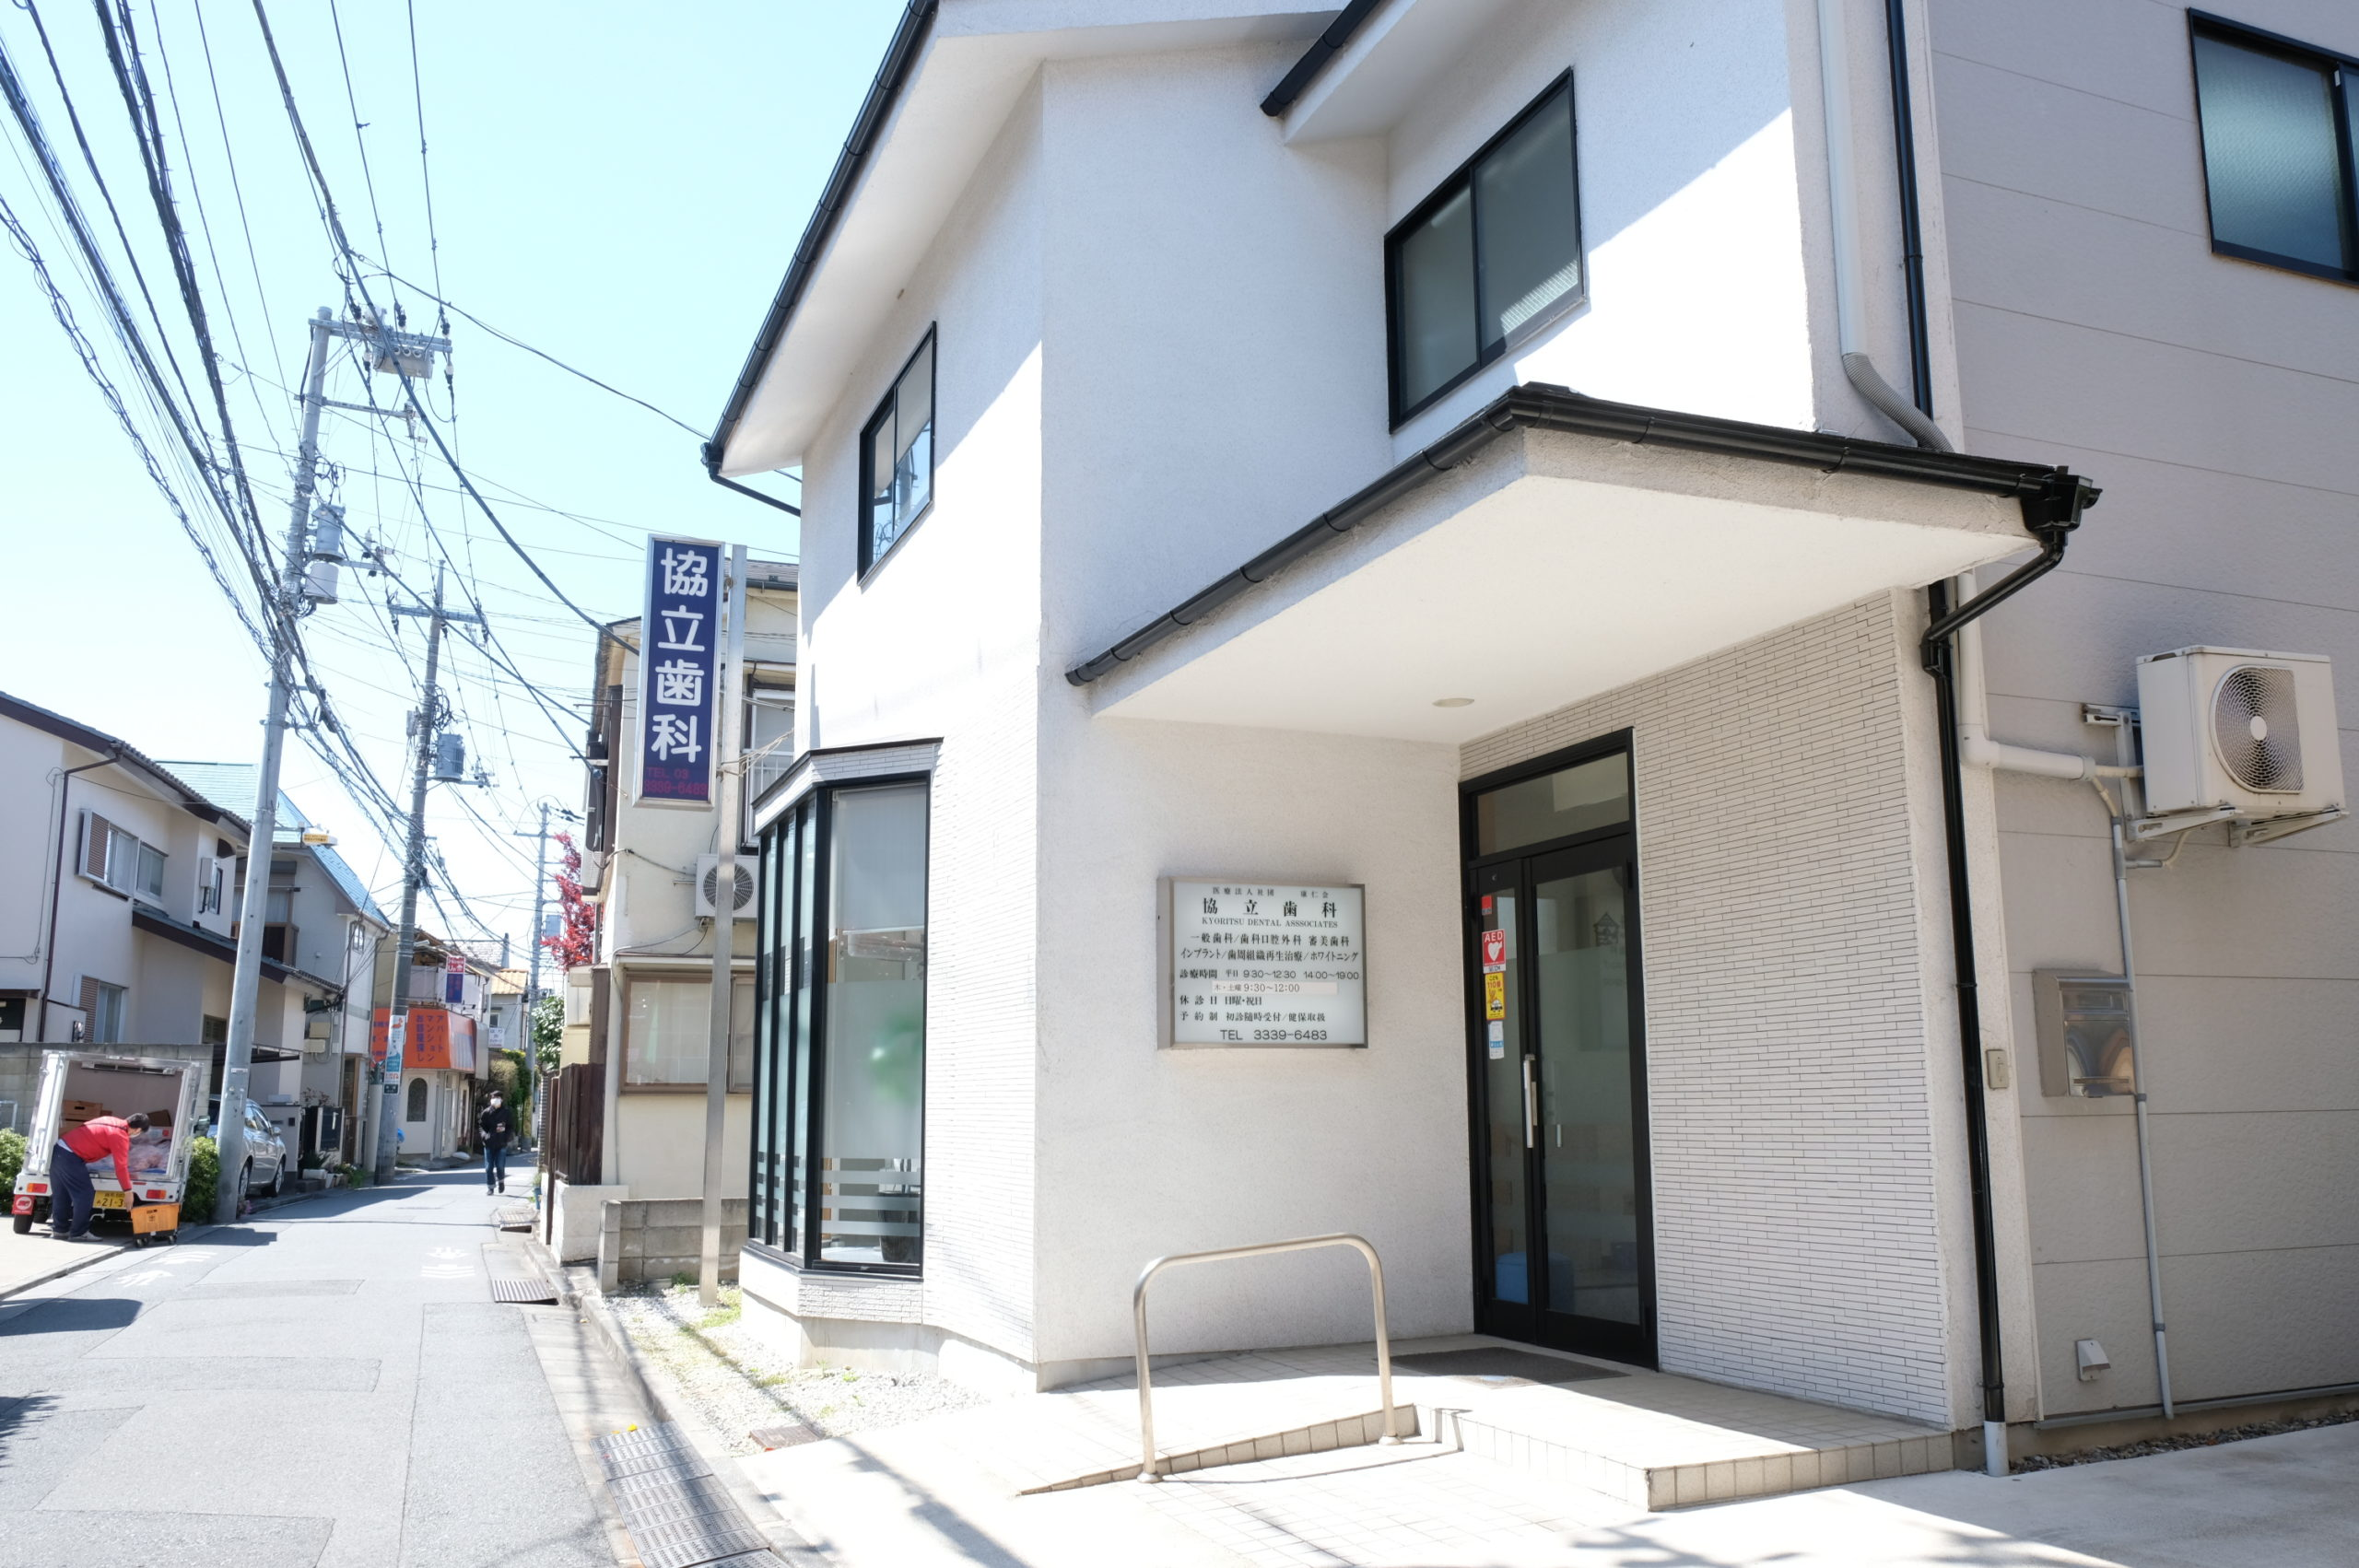 外観 scaled - 医院紹介